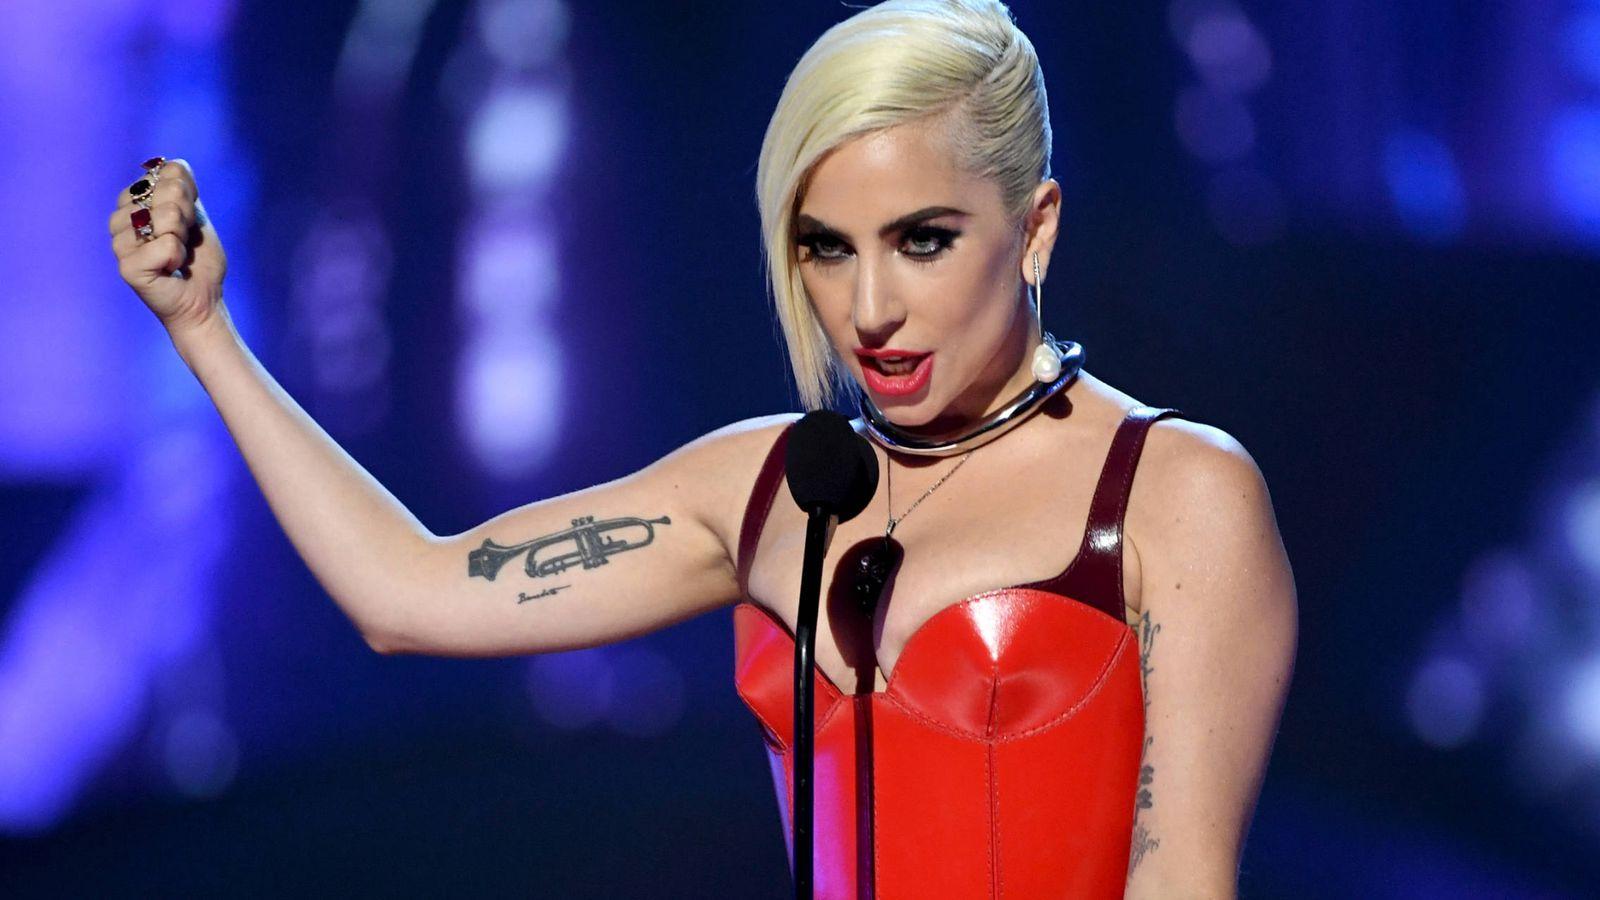 Foto: La cantante Lady Gaga durante una actuación en Santa Mónica (Kevin Winter/Getty Images)